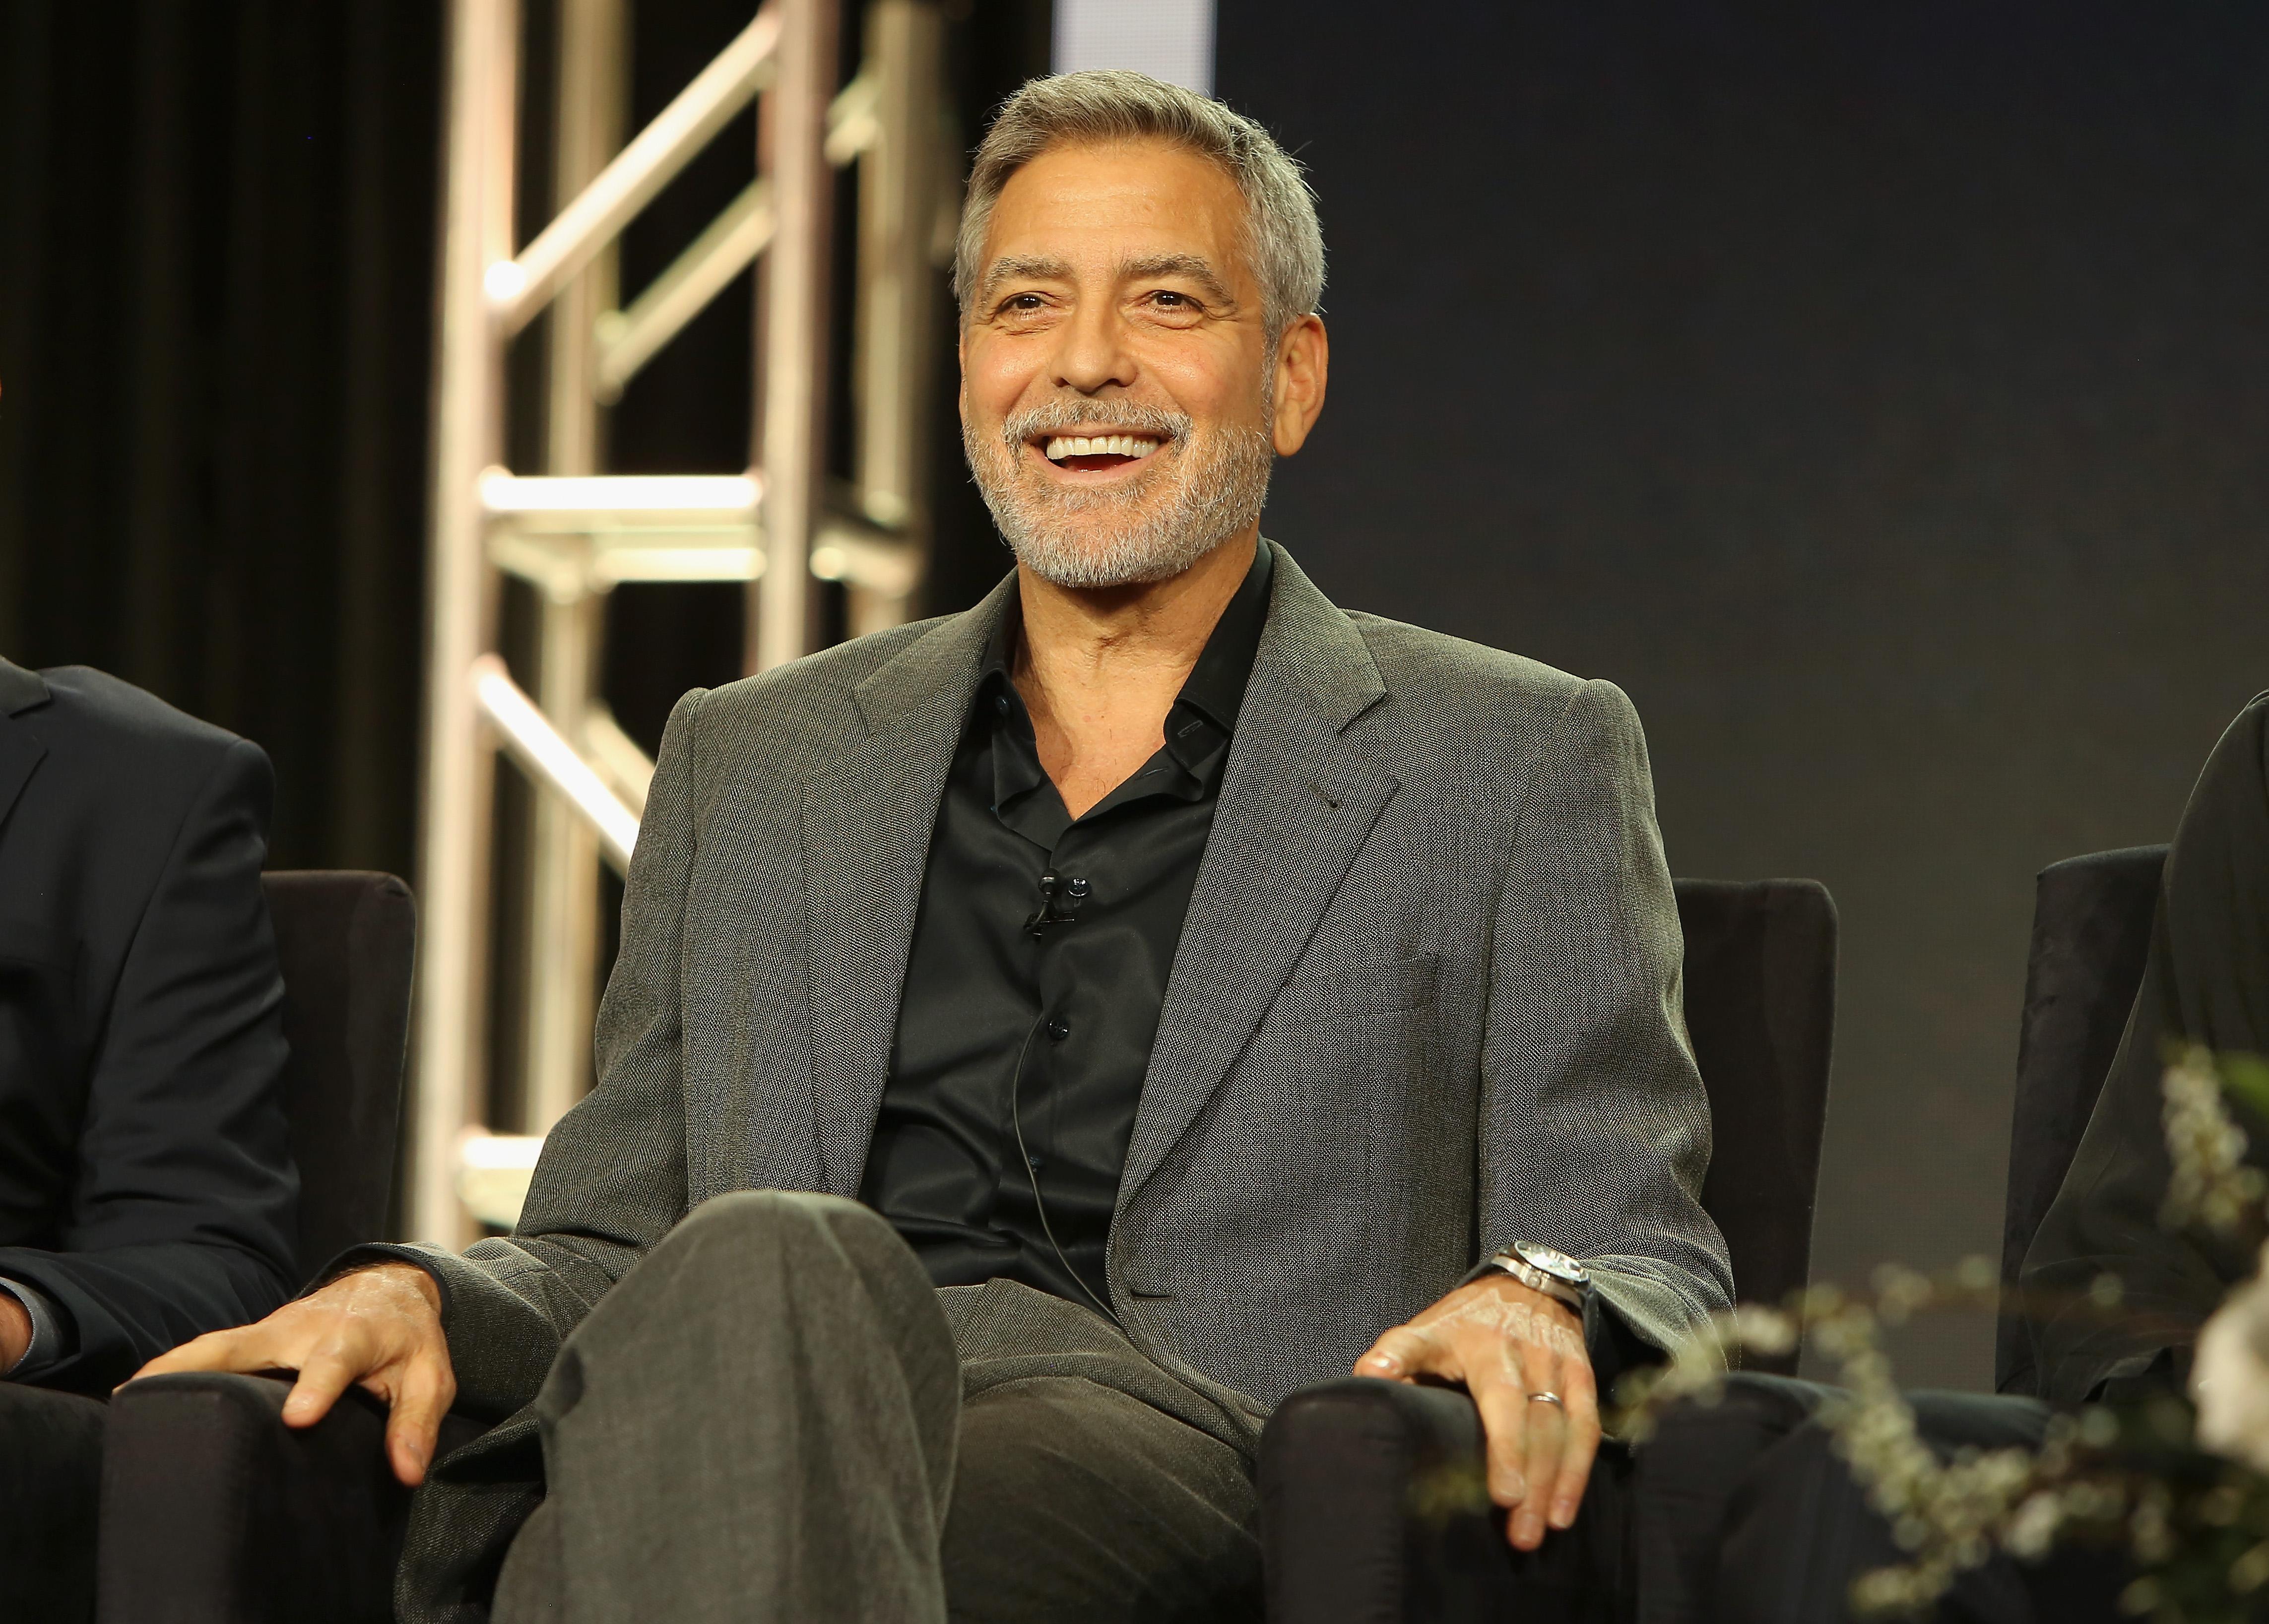 Резко похудевший Джордж Клуни попал в больницу